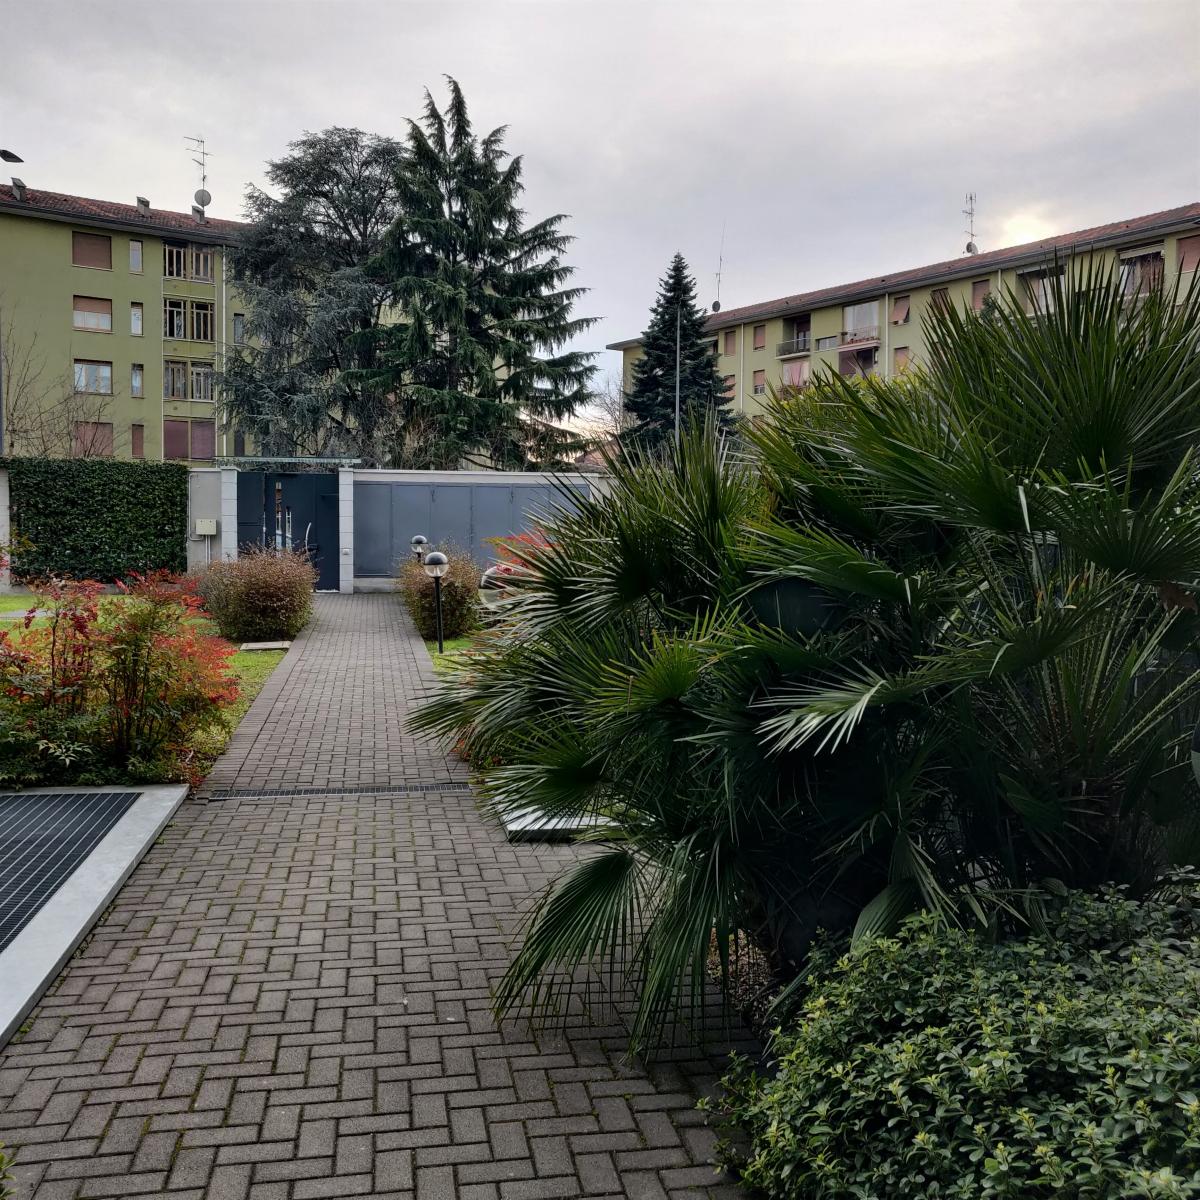 appartamento-in-vendita-milano-via-forze-armate-recente-costruzione-4-locali-spaziourbano-immobiliare-vende-31